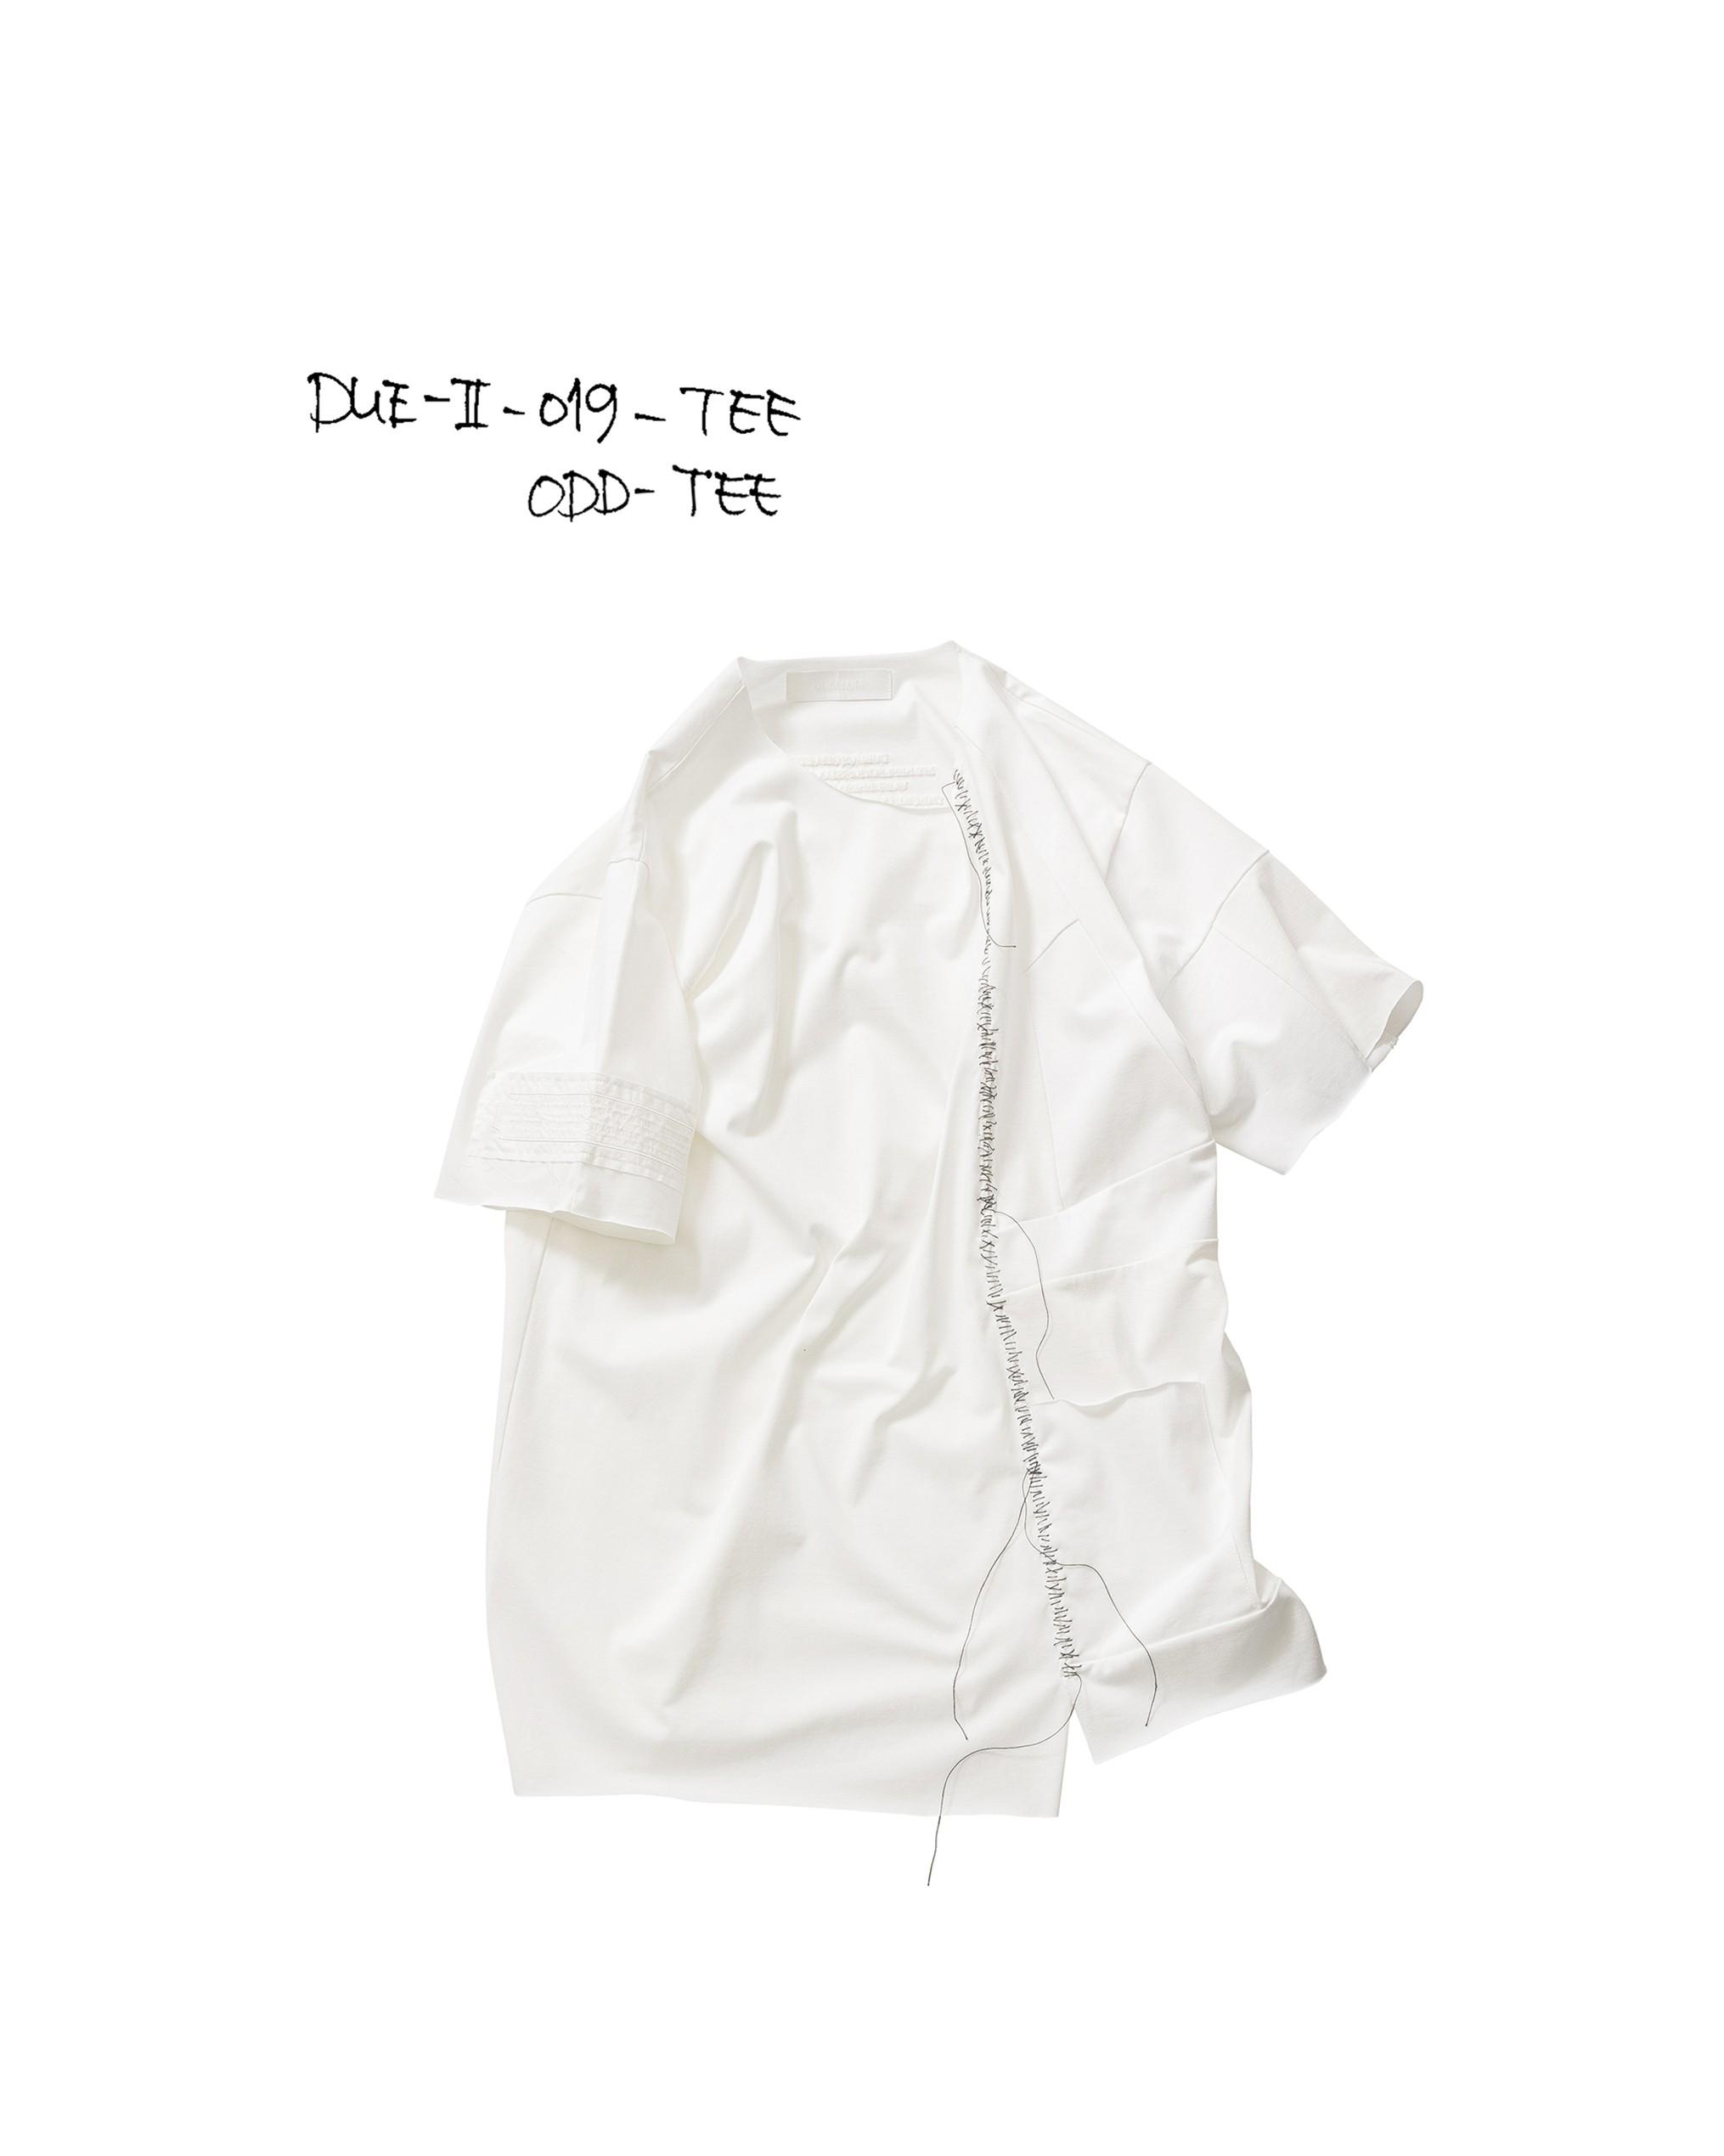 21SS DUE-Ⅱ-019-TEE-WHT ODD TEE